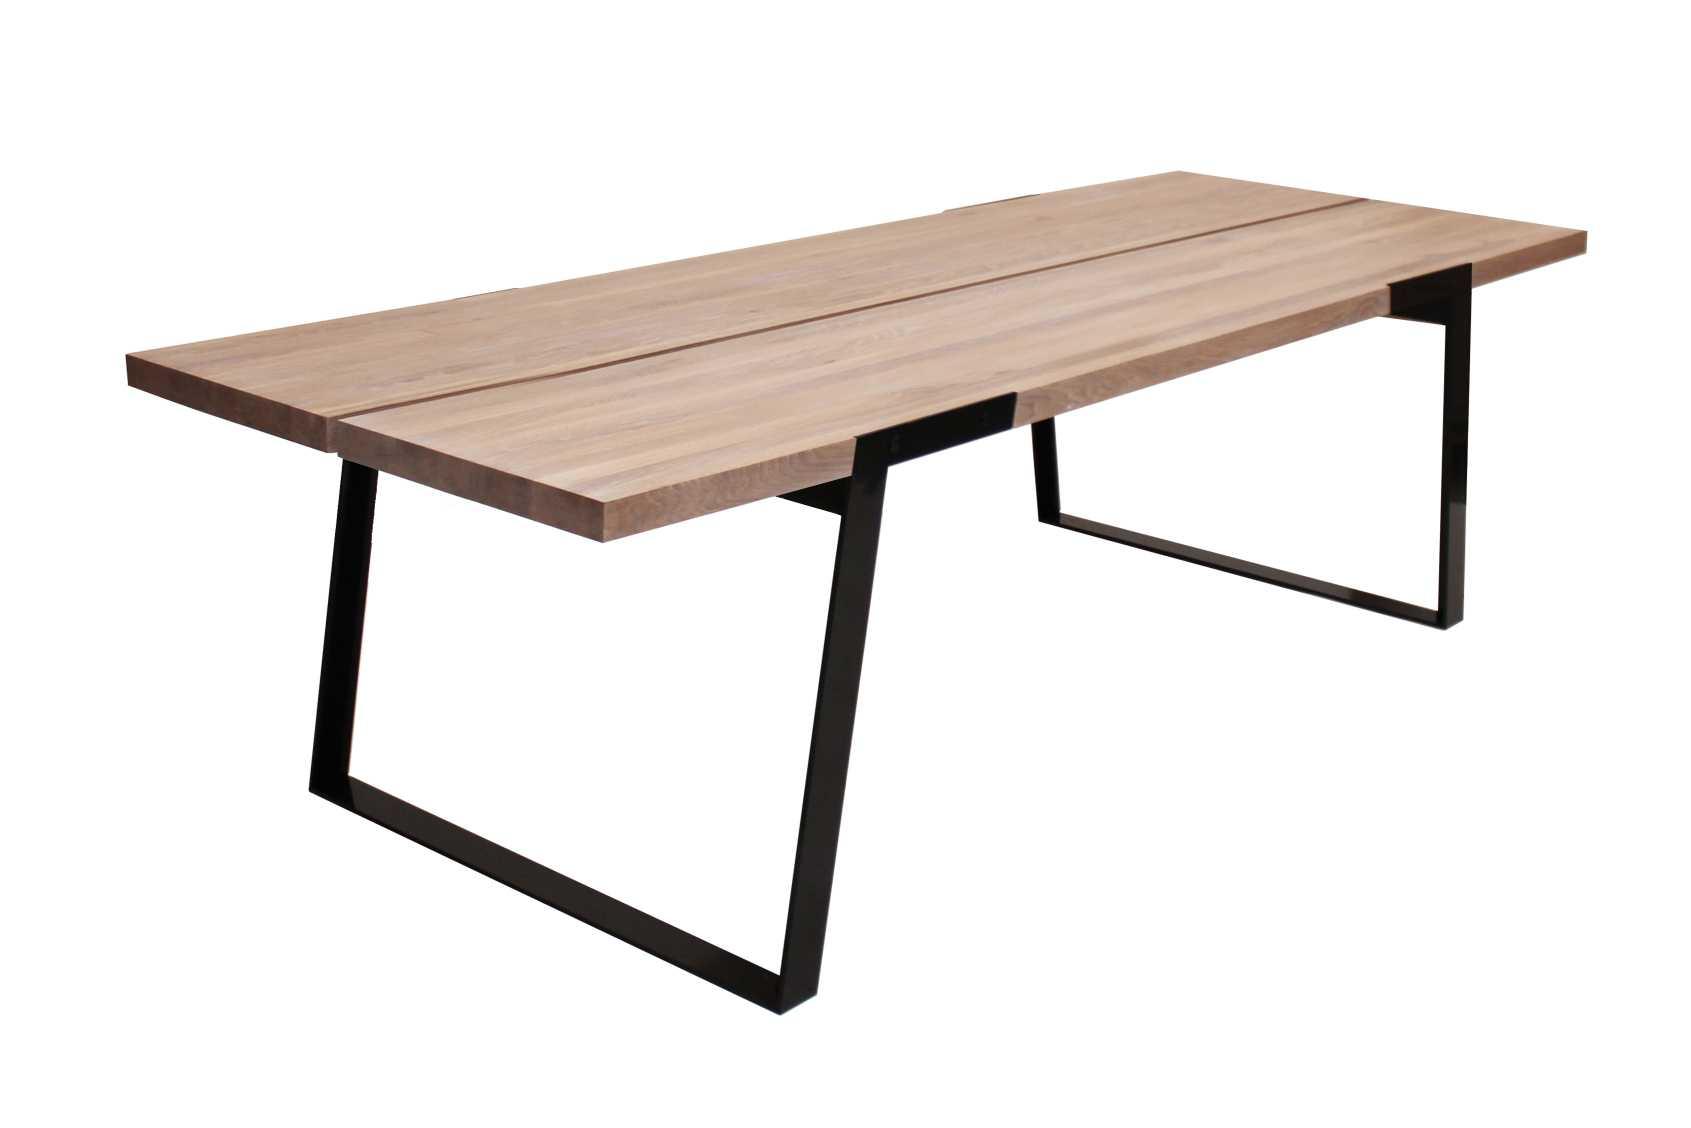 CANETT Zilas plankebord - hvidolieret vildeg og sort metal, m. udtrk (290x100)